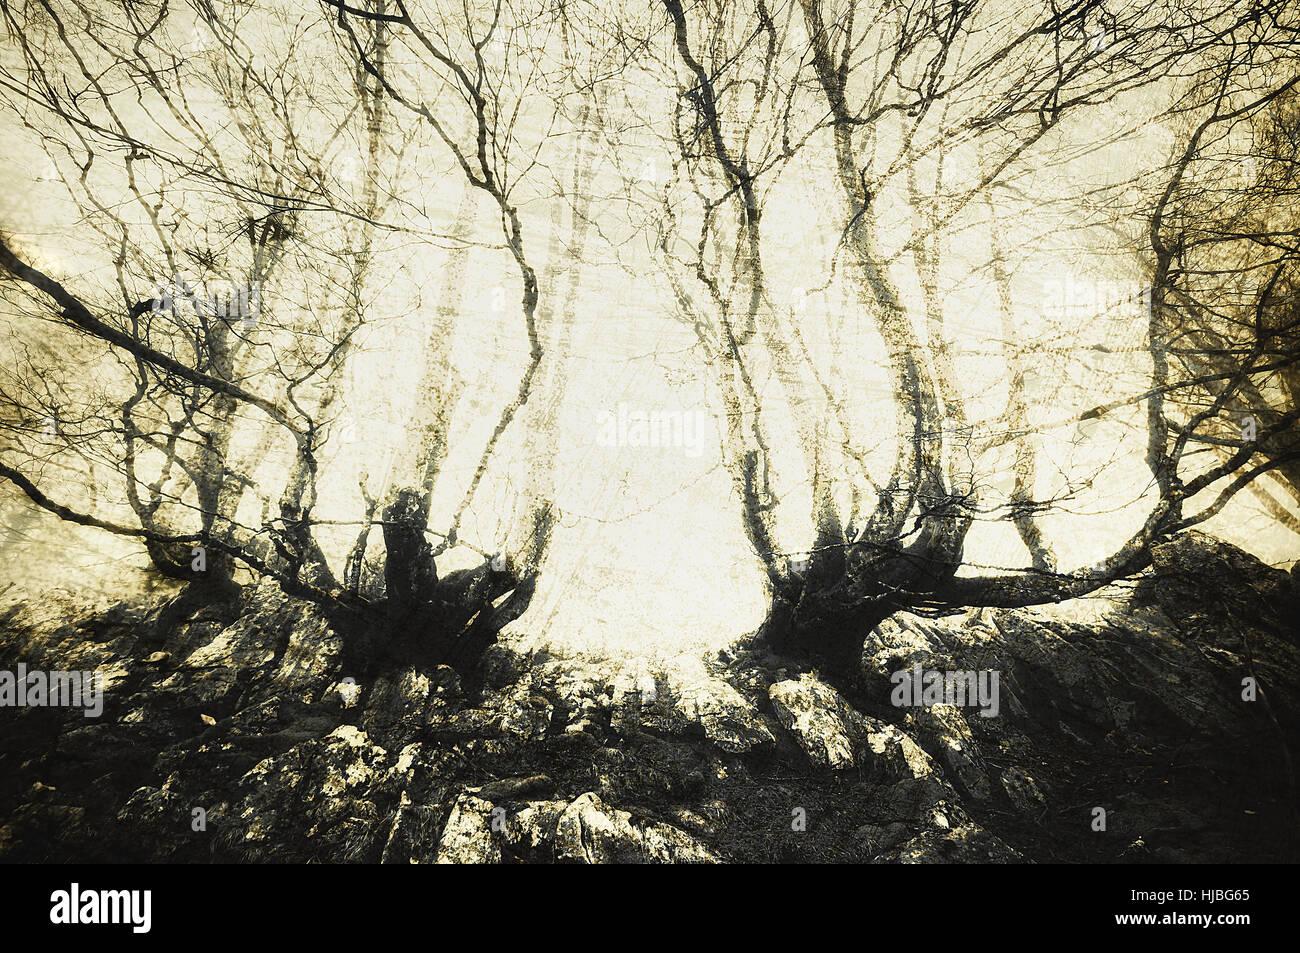 unheimlich Wald mit gruseligen Bäume Stockbild